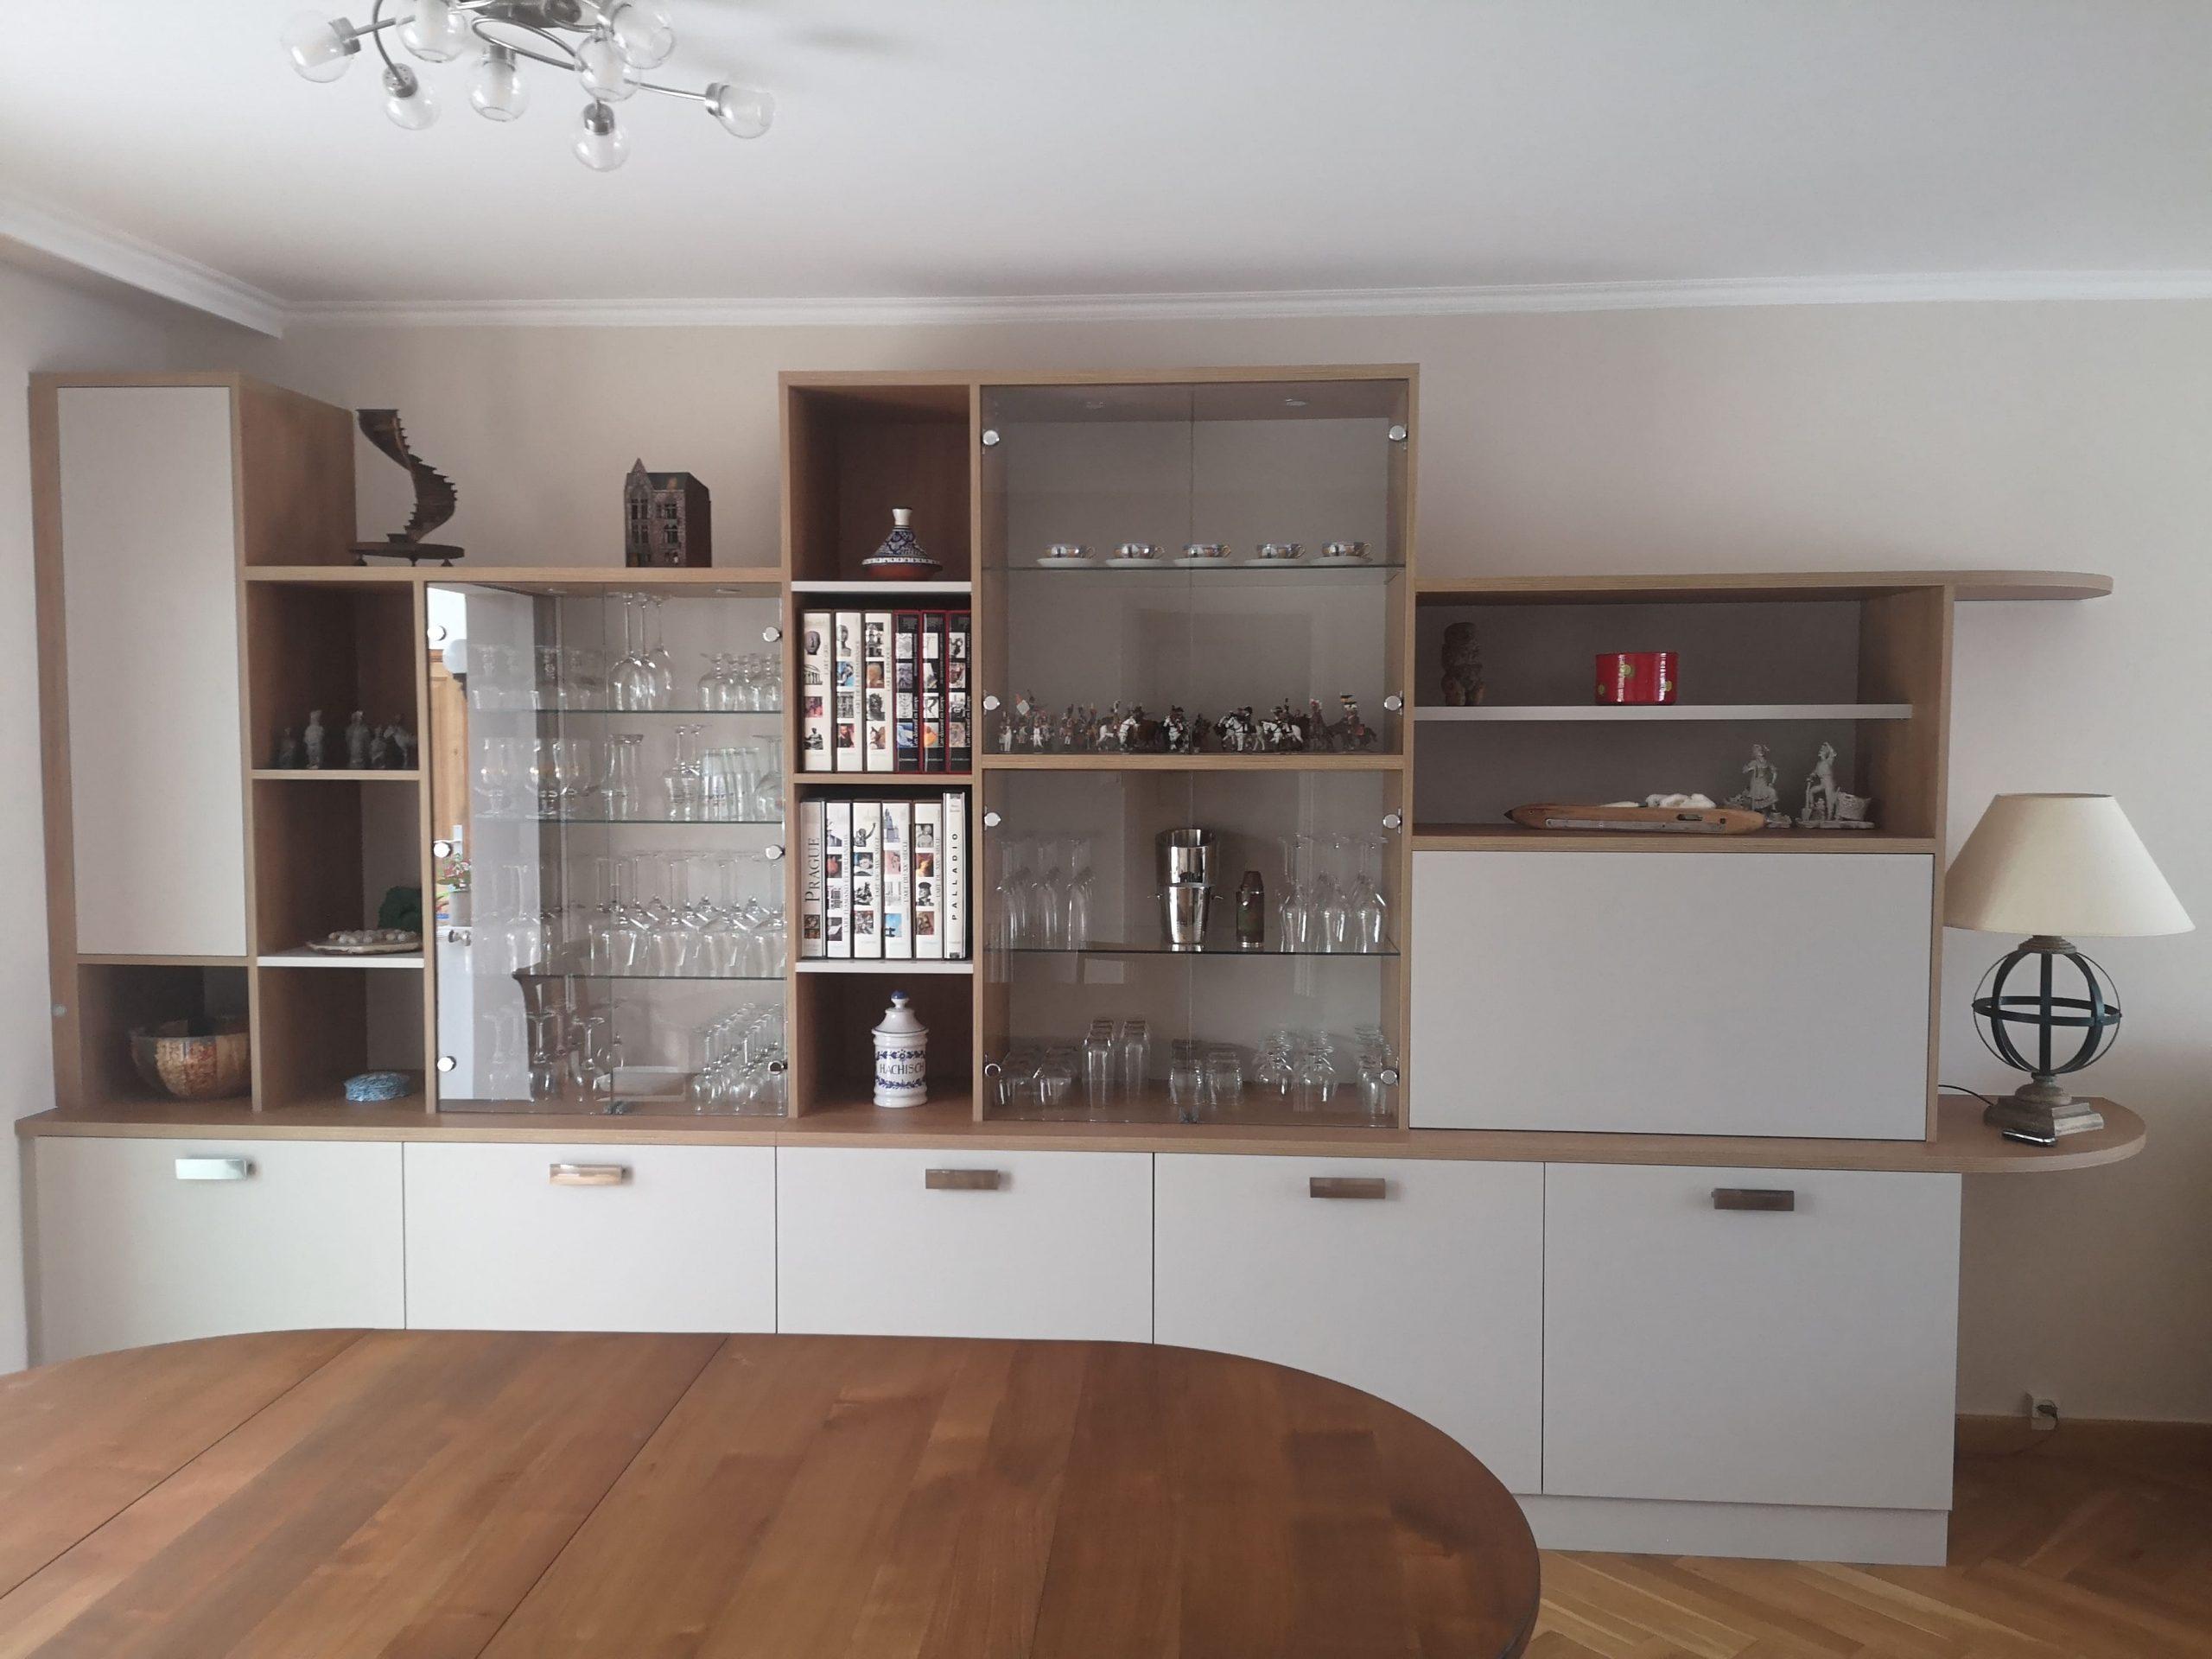 Sur cette deuxième photo, on voit le meuble sur mesure de face. Il s'agit de deux agencements sur mesure dans un salon.